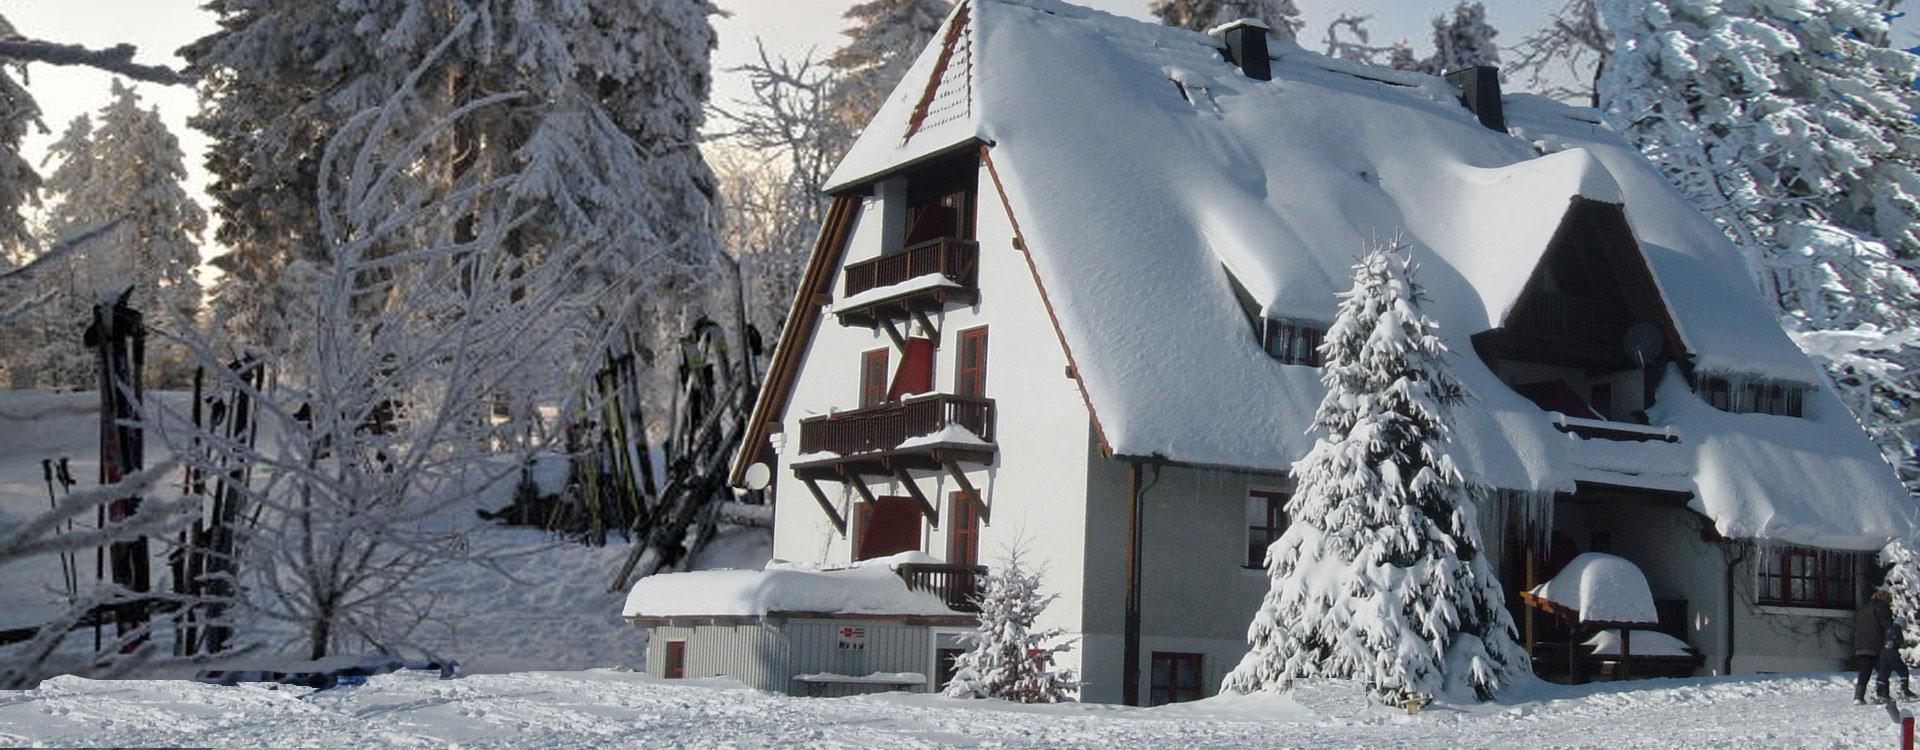 Ferienwohnungen im Wintersportzentrum Ochsenkopf